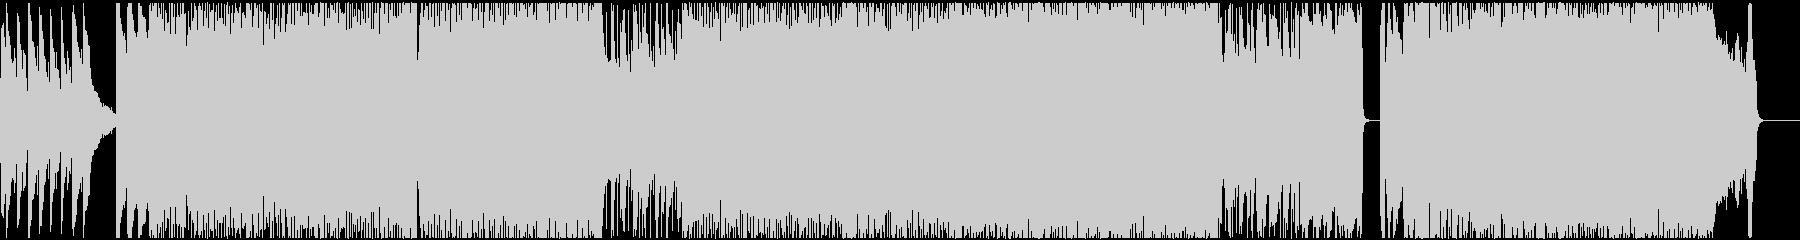 爽やかな疾走感のあるバンドサウンドポップの未再生の波形